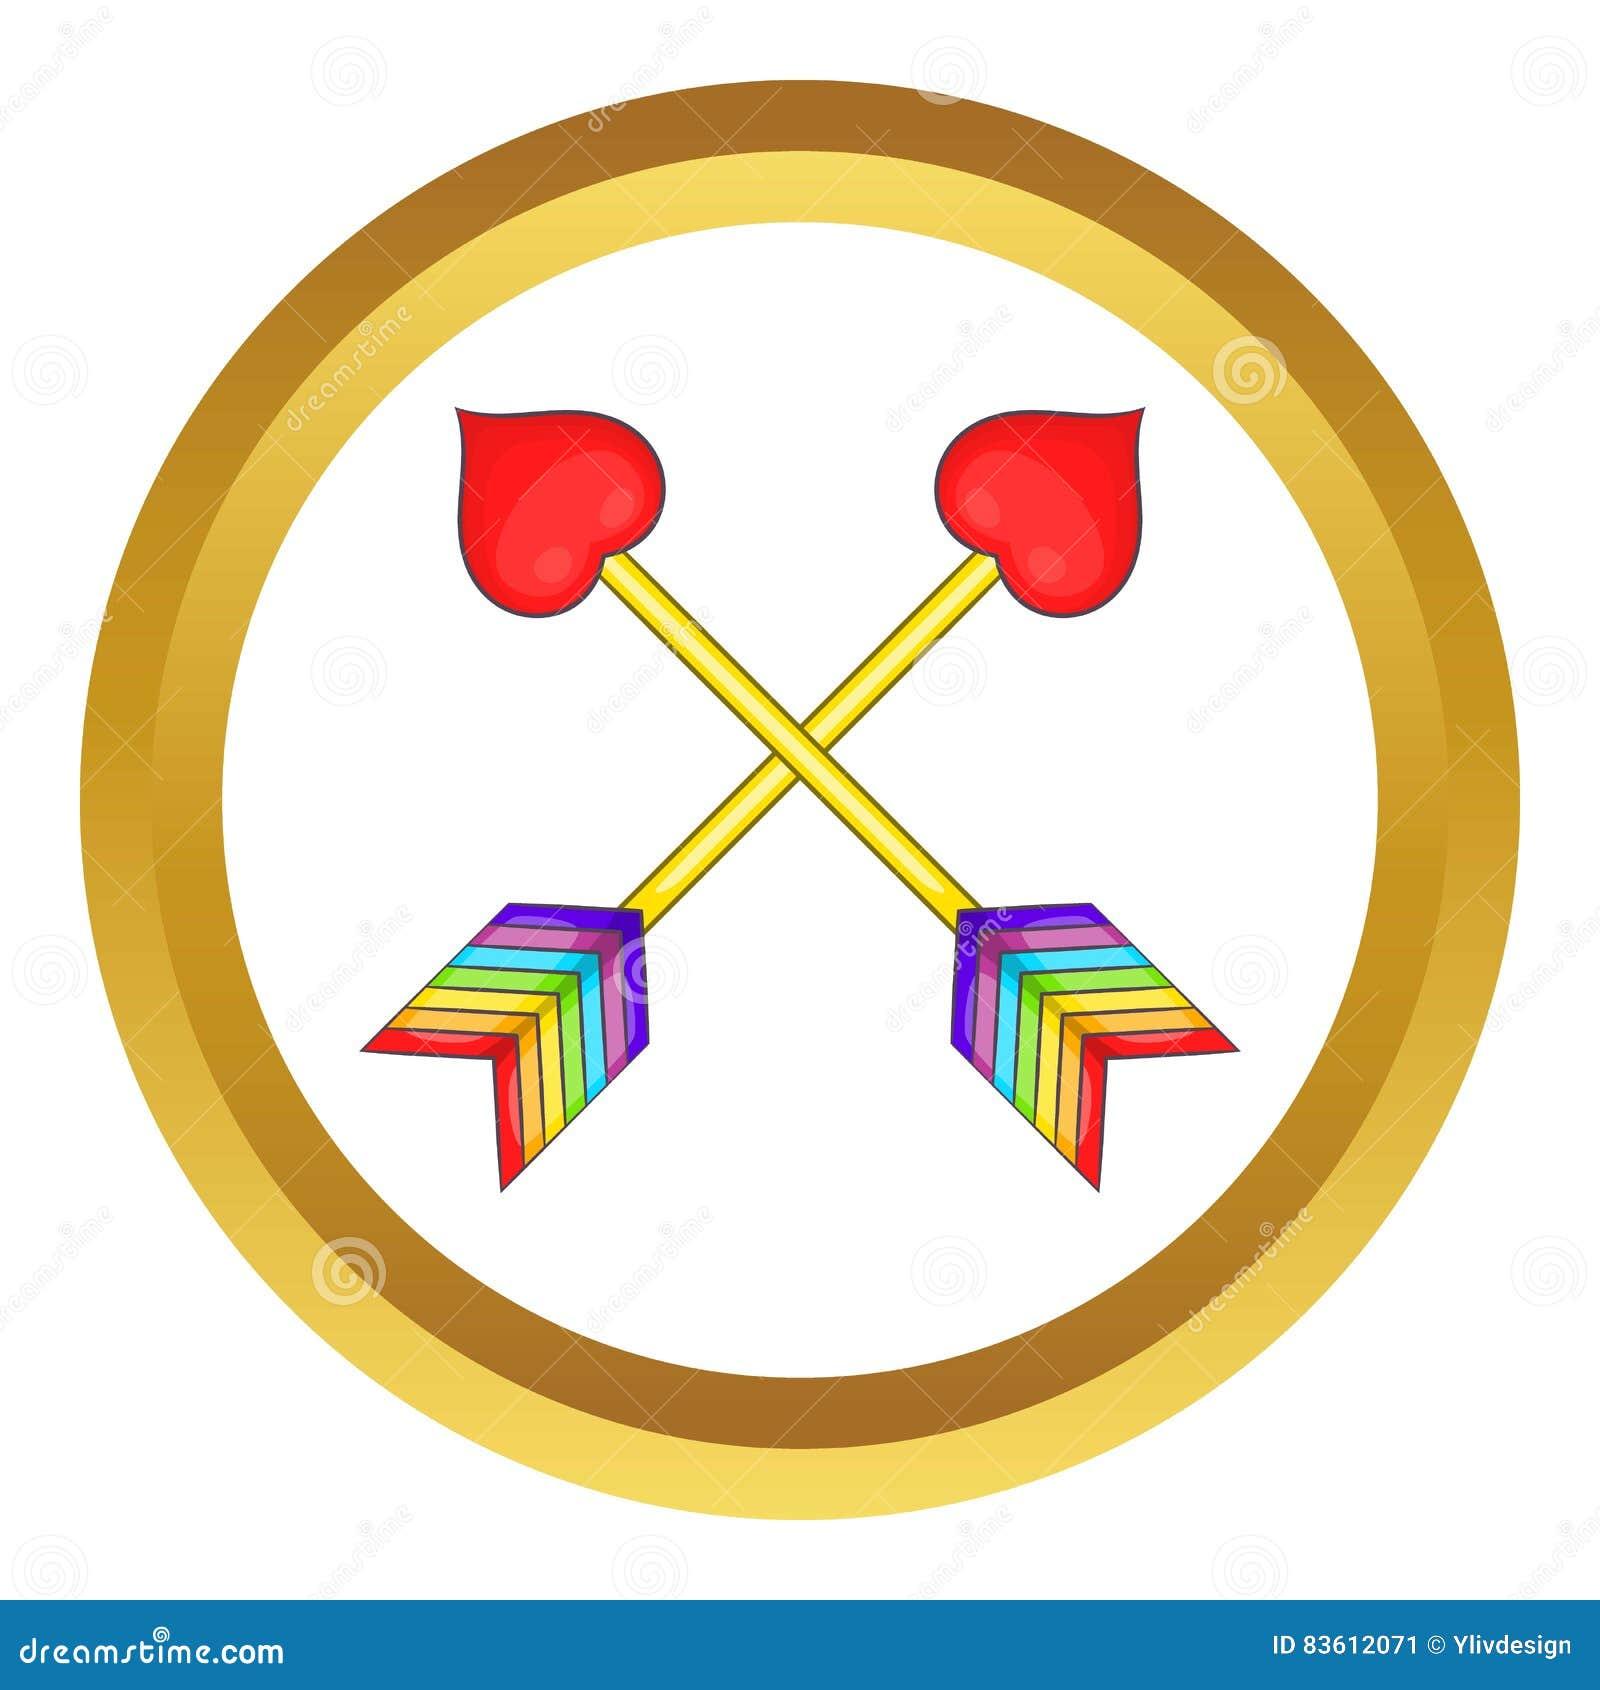 Two arrows LGBT vector icon